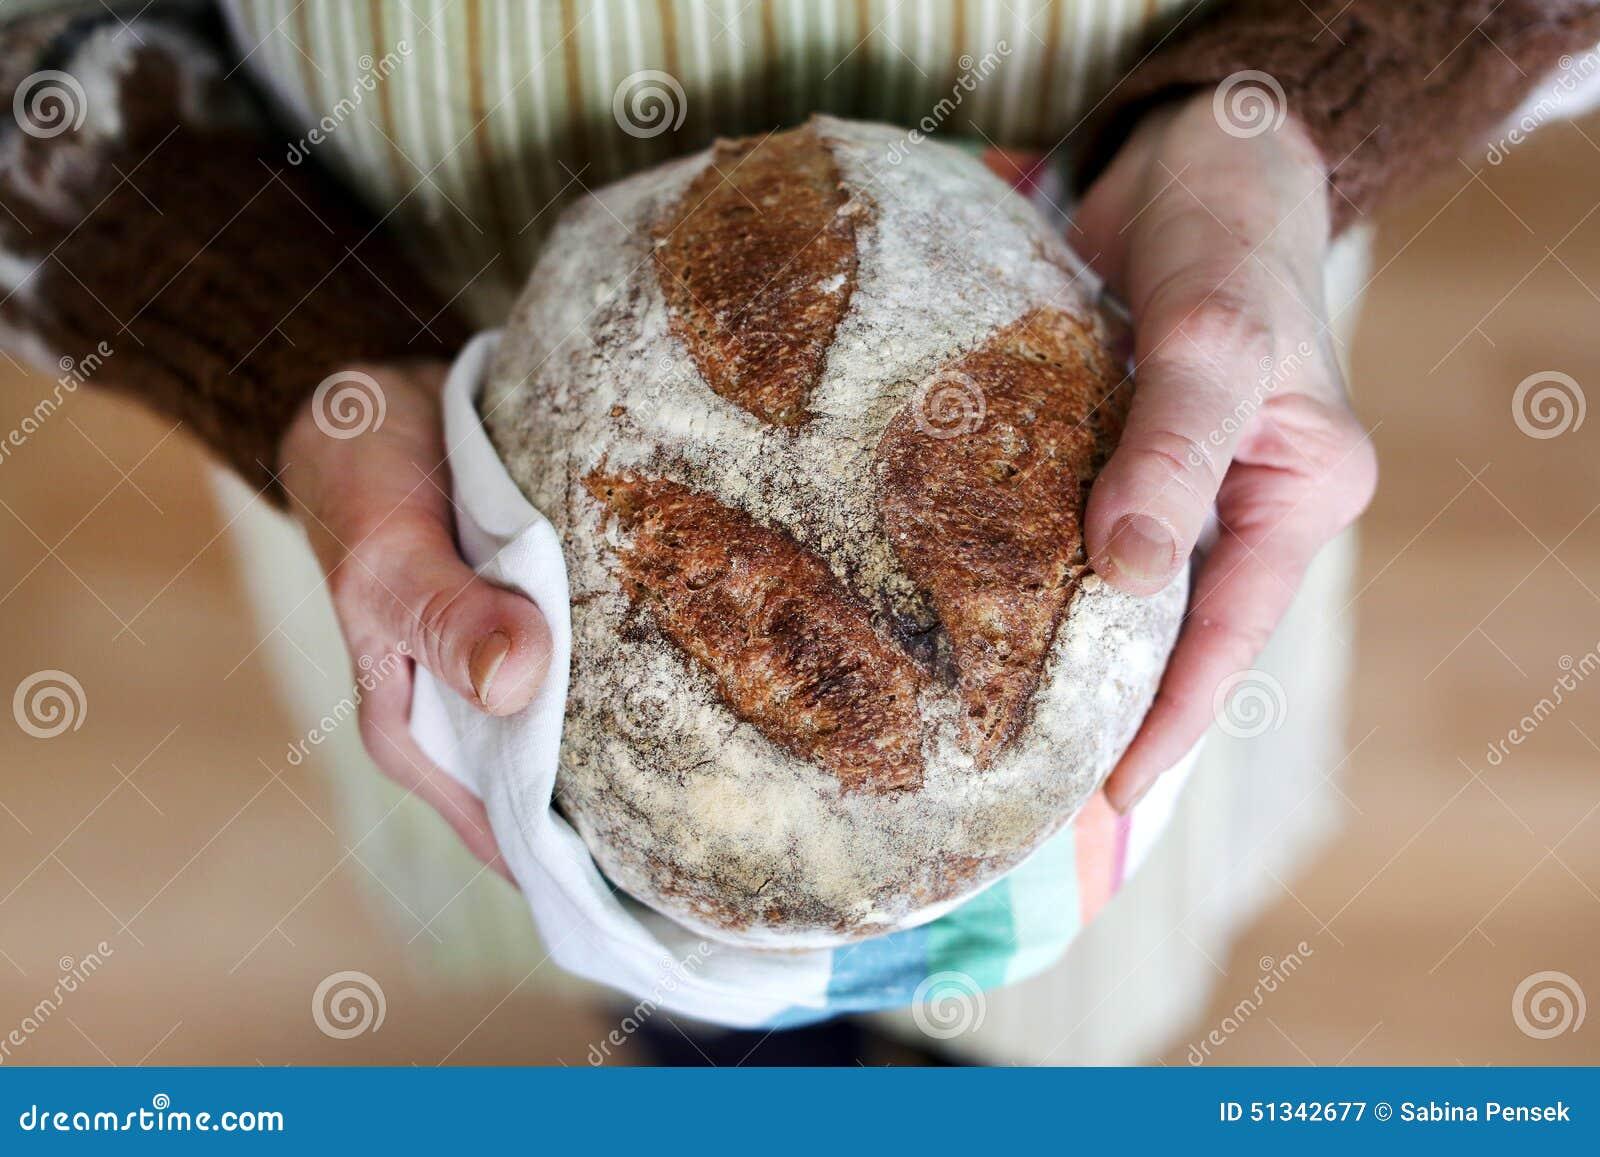 Whole-grain artisanaal broodbrood in grootmoederhanden, het bakken